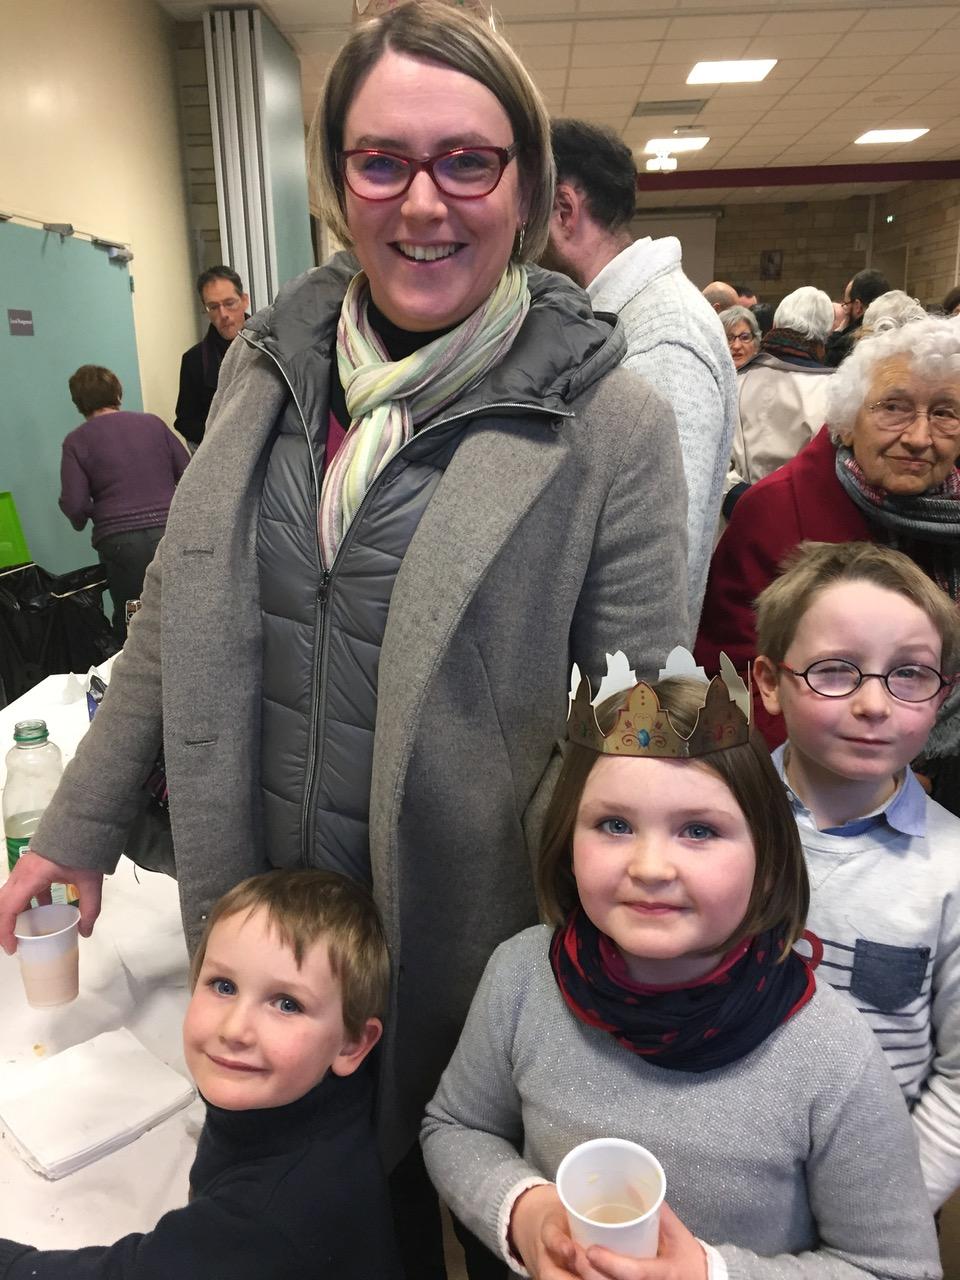 Les familles étaient là aussi ! Ici Anne-Sophie avec ses enfants Jean-Baptiste, Faustine et Antonin